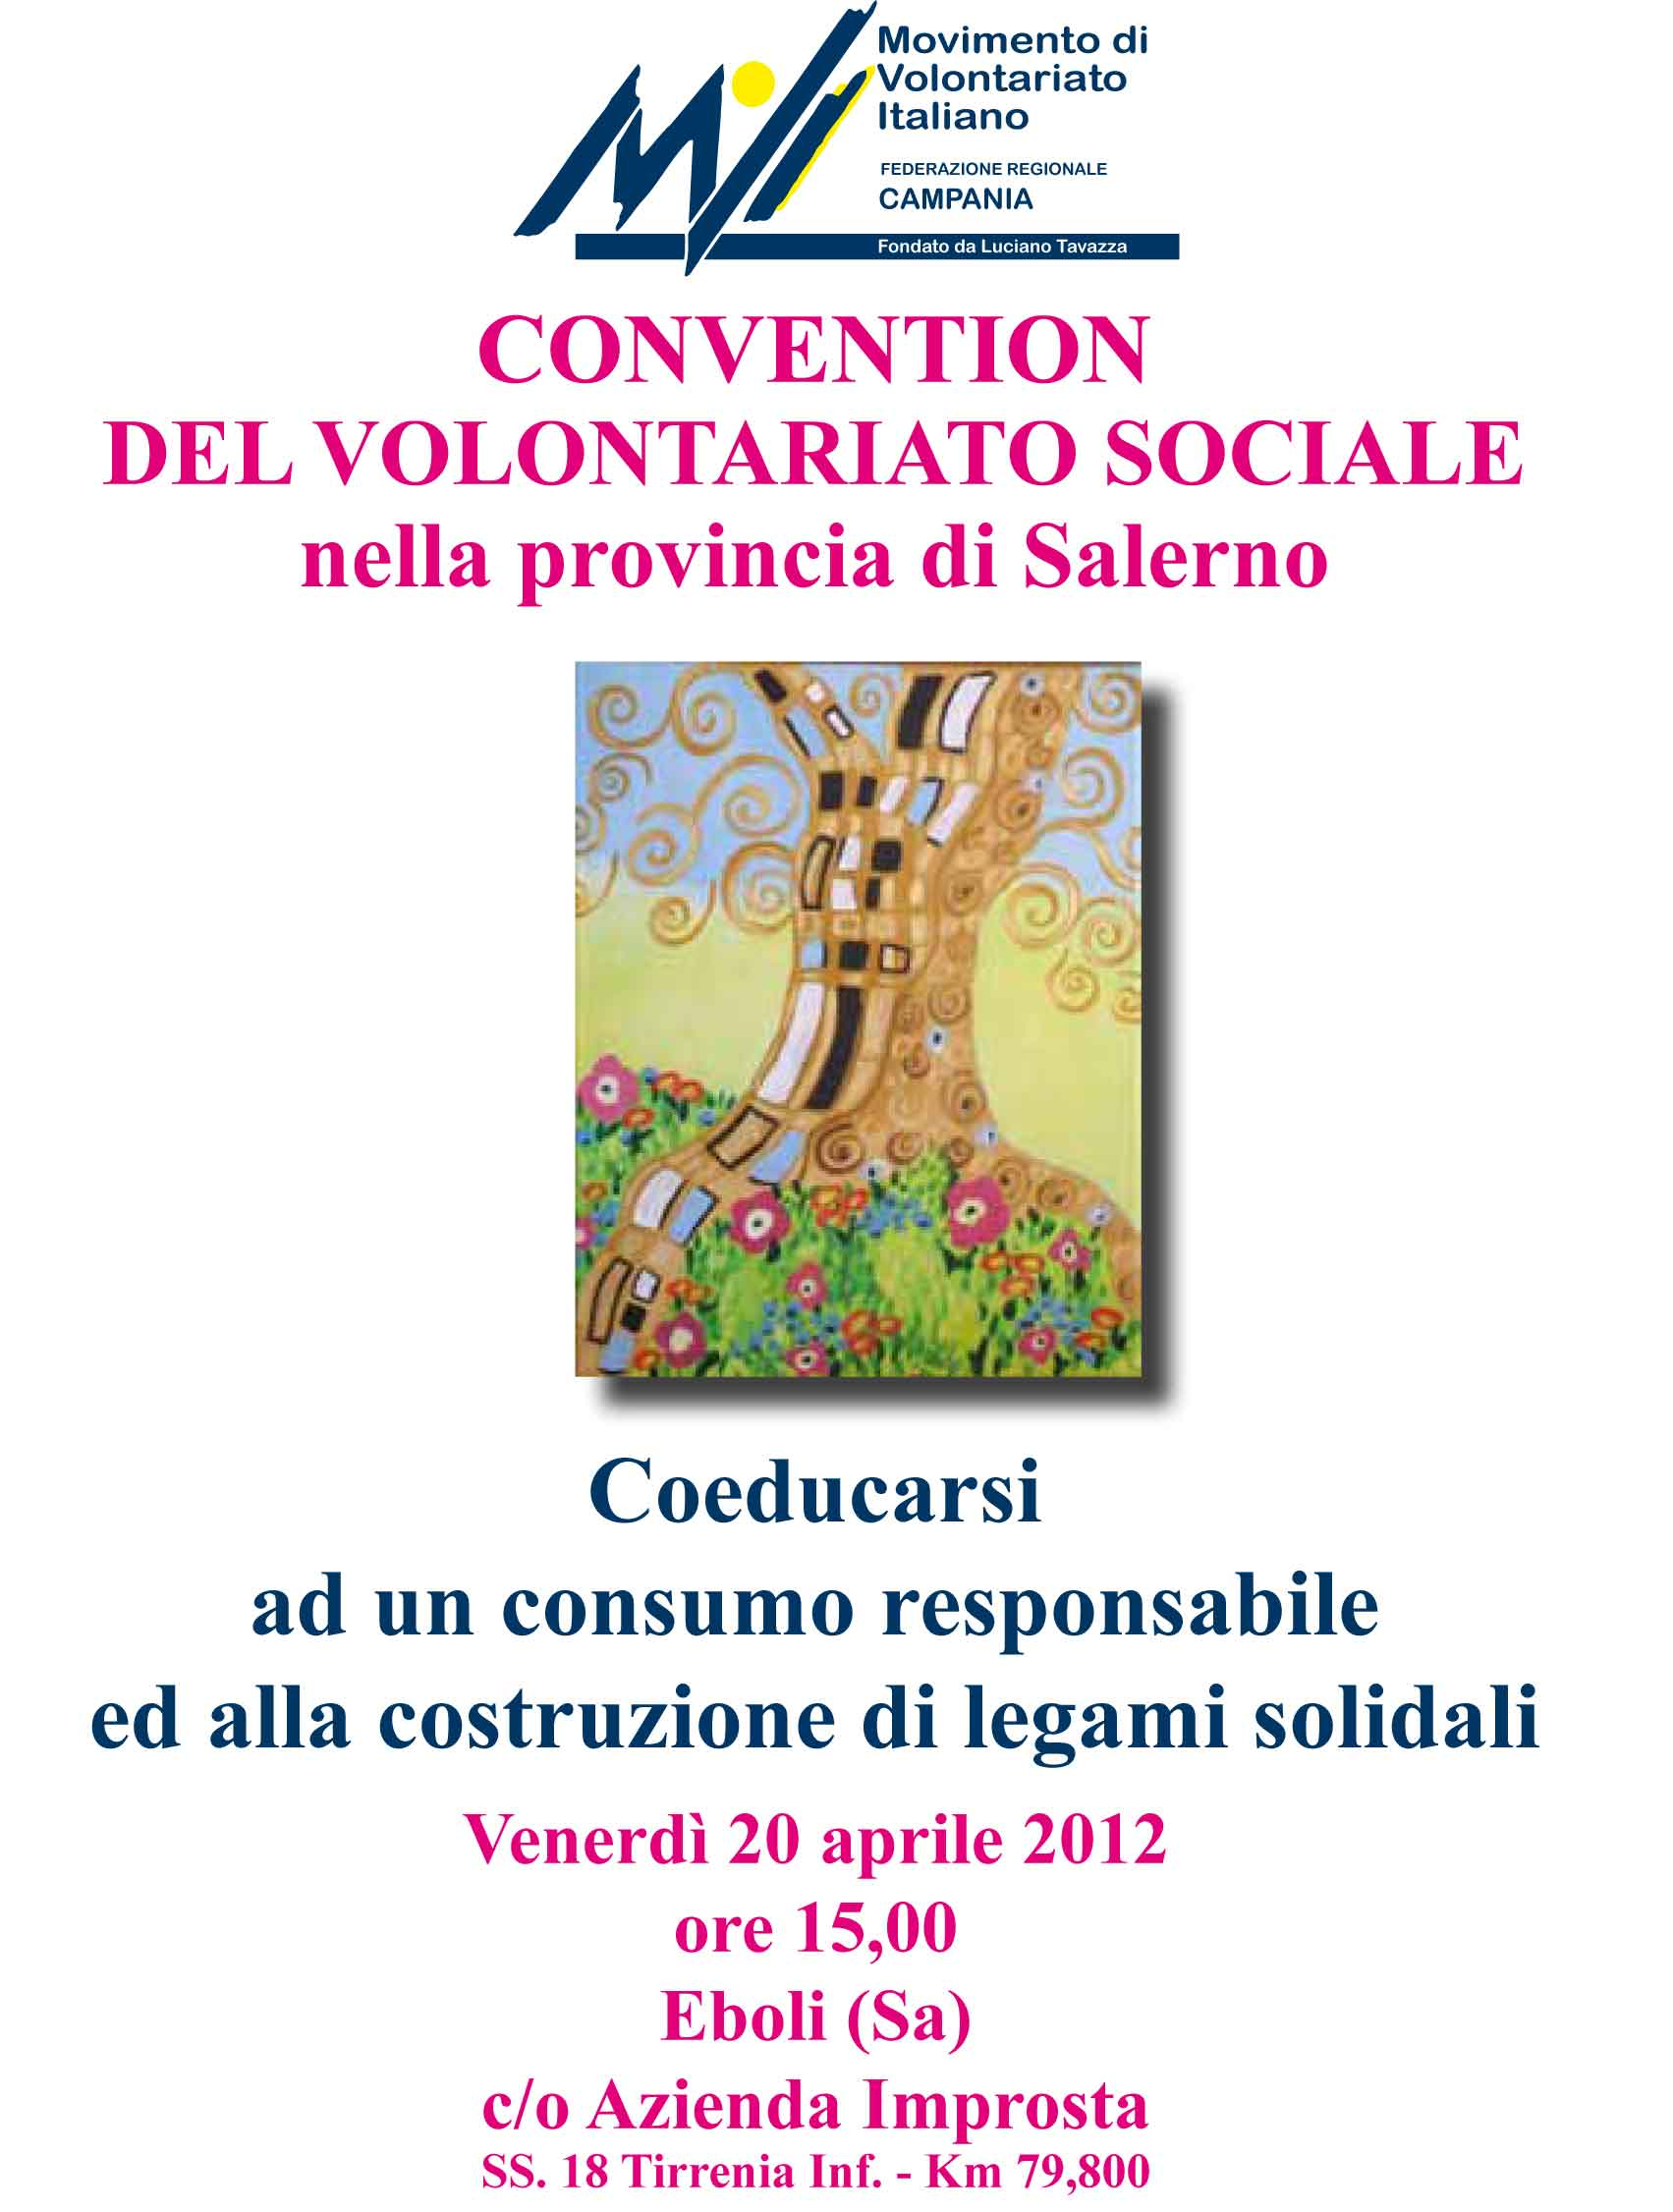 Convention del volontariato sociale nella provincia di Salerno